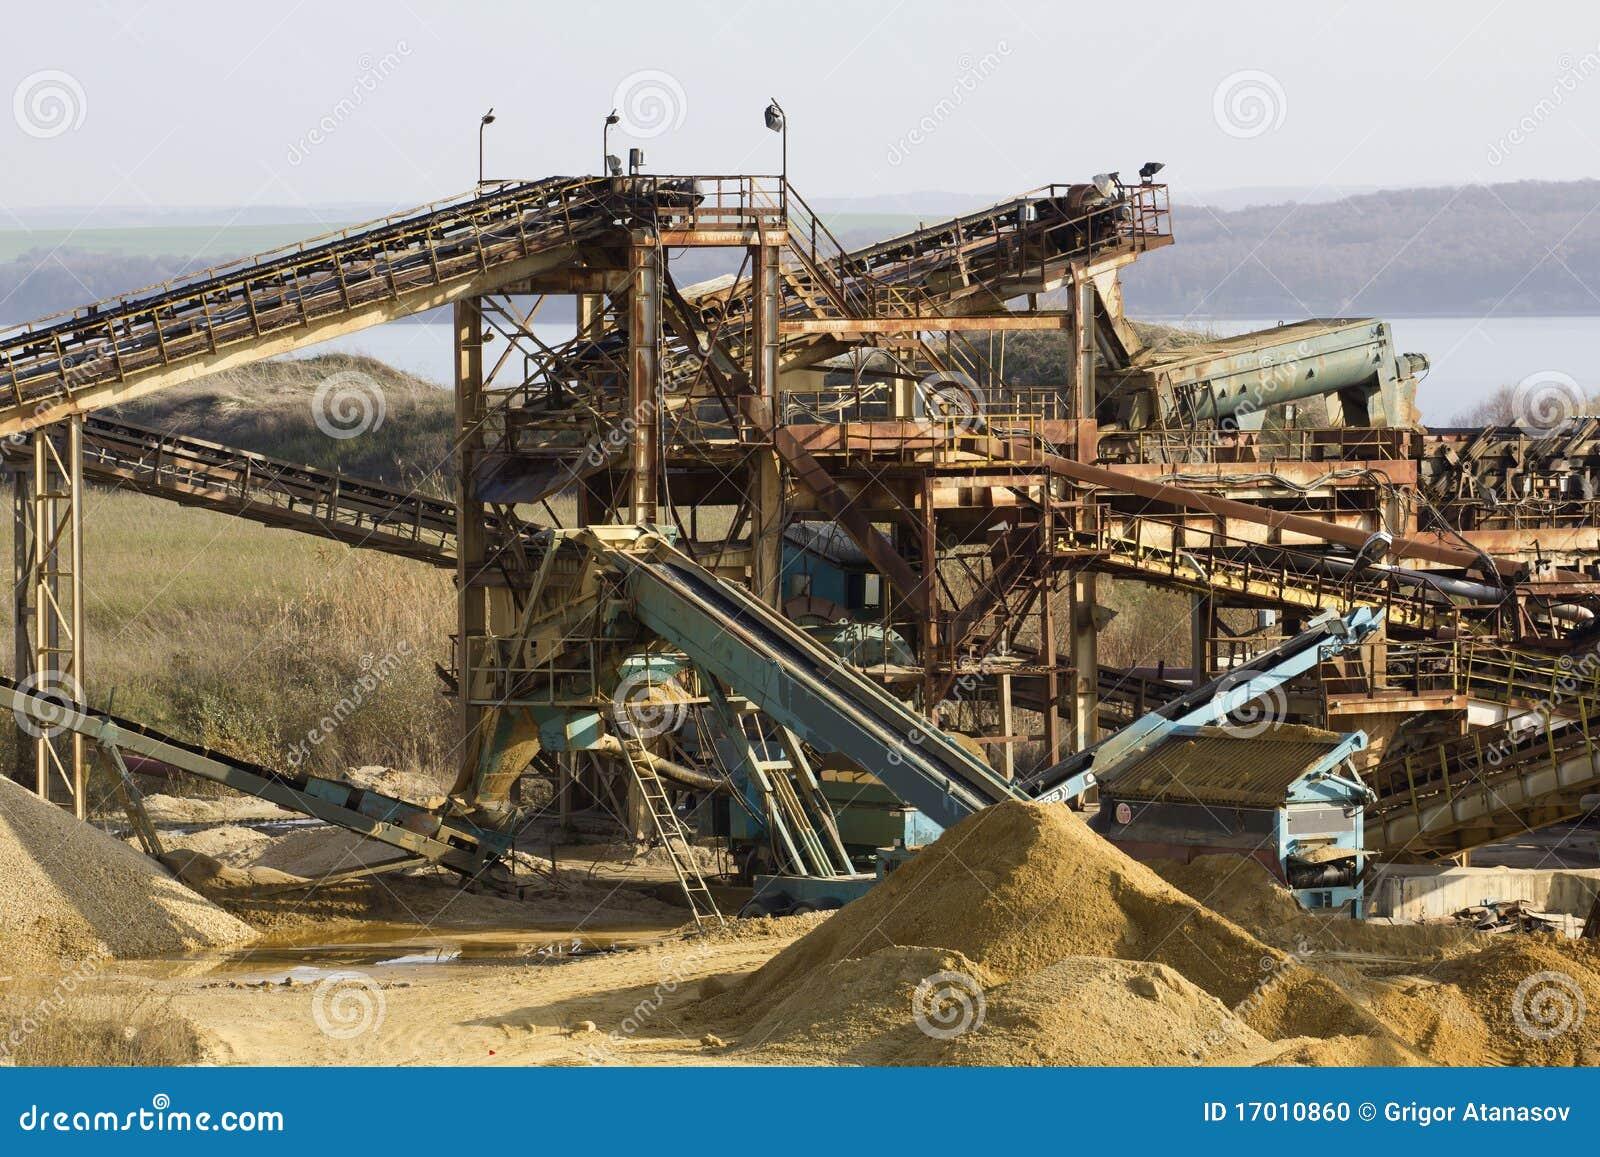 Carri re de sable photo stock image du exploitation for Carriere de cintheaux